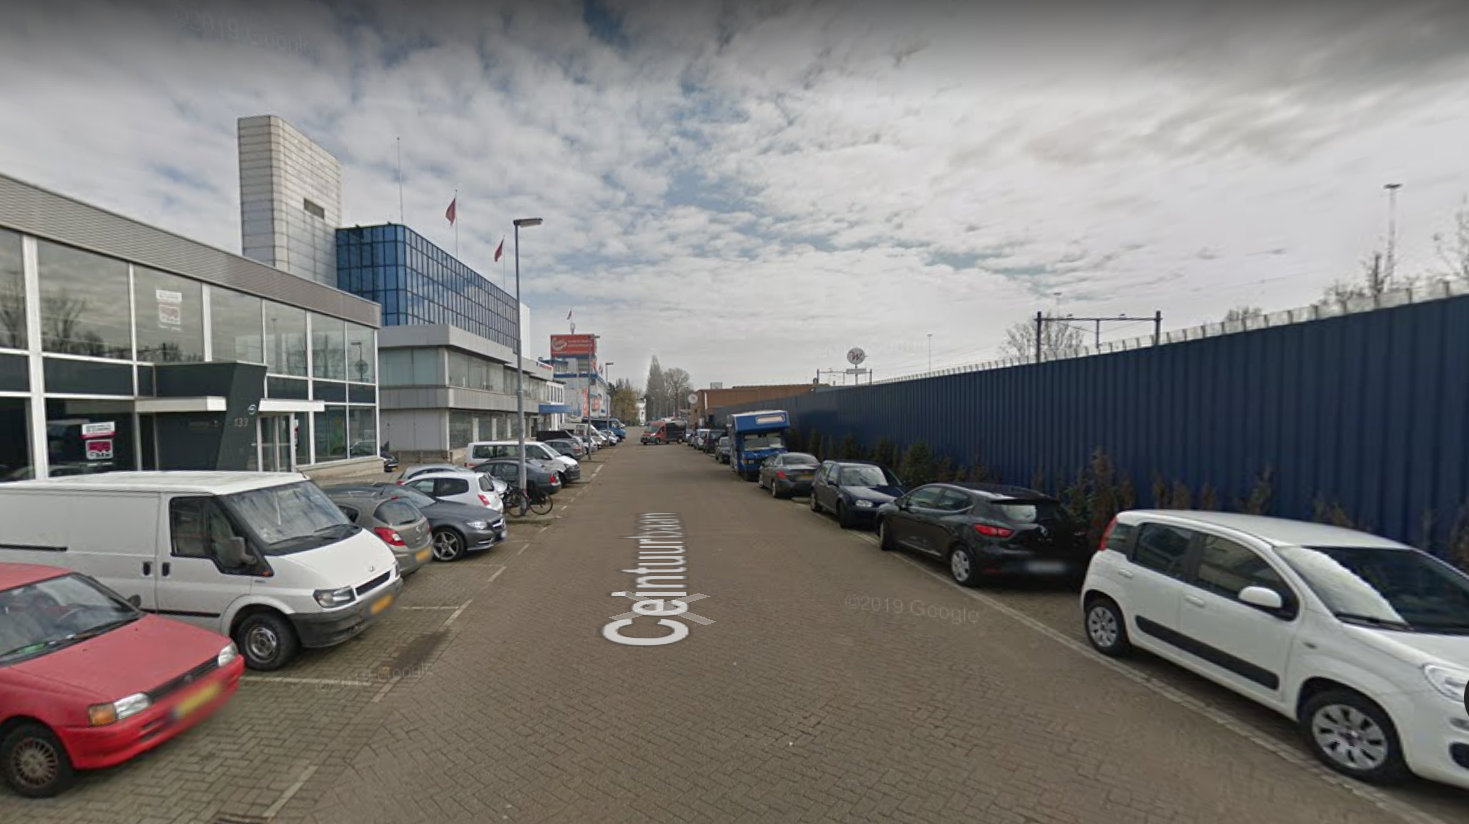 Ceintuurbaan Rotterdam